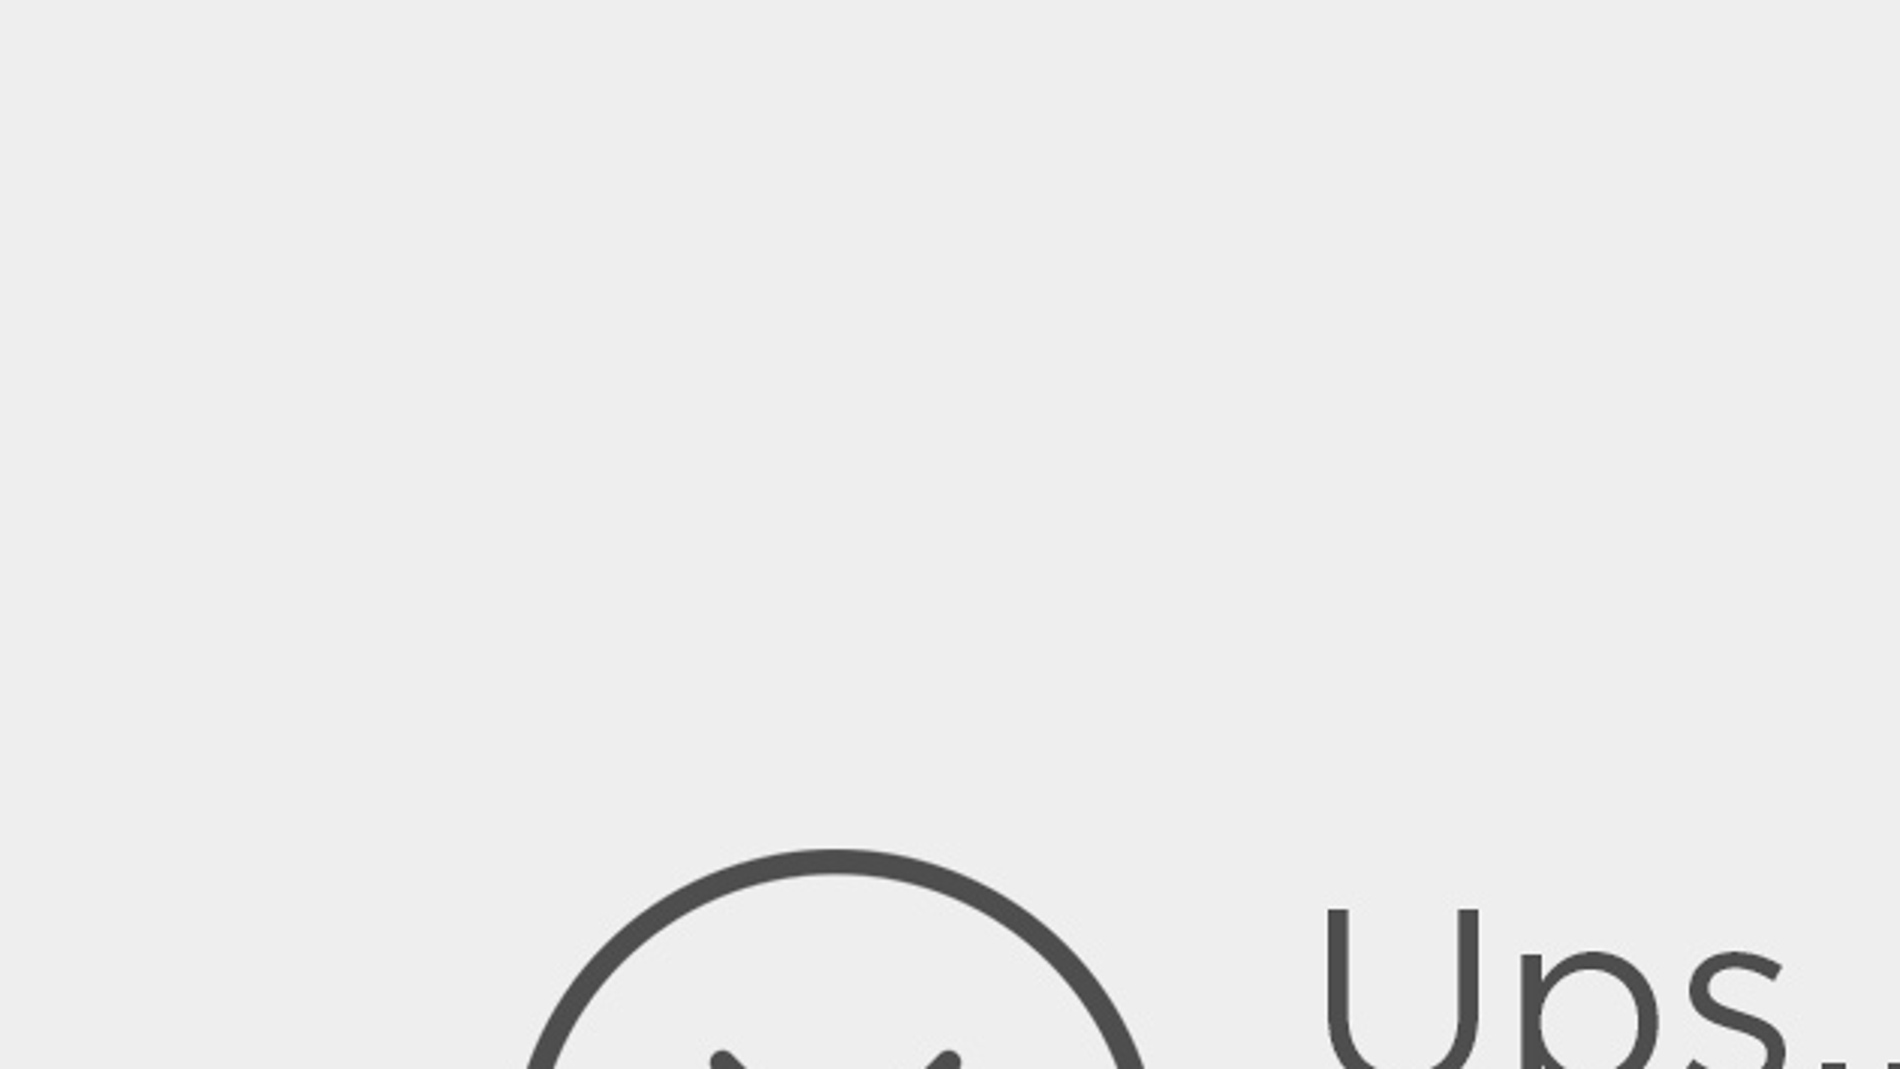 La saga Cincuenta Sombras de Grey